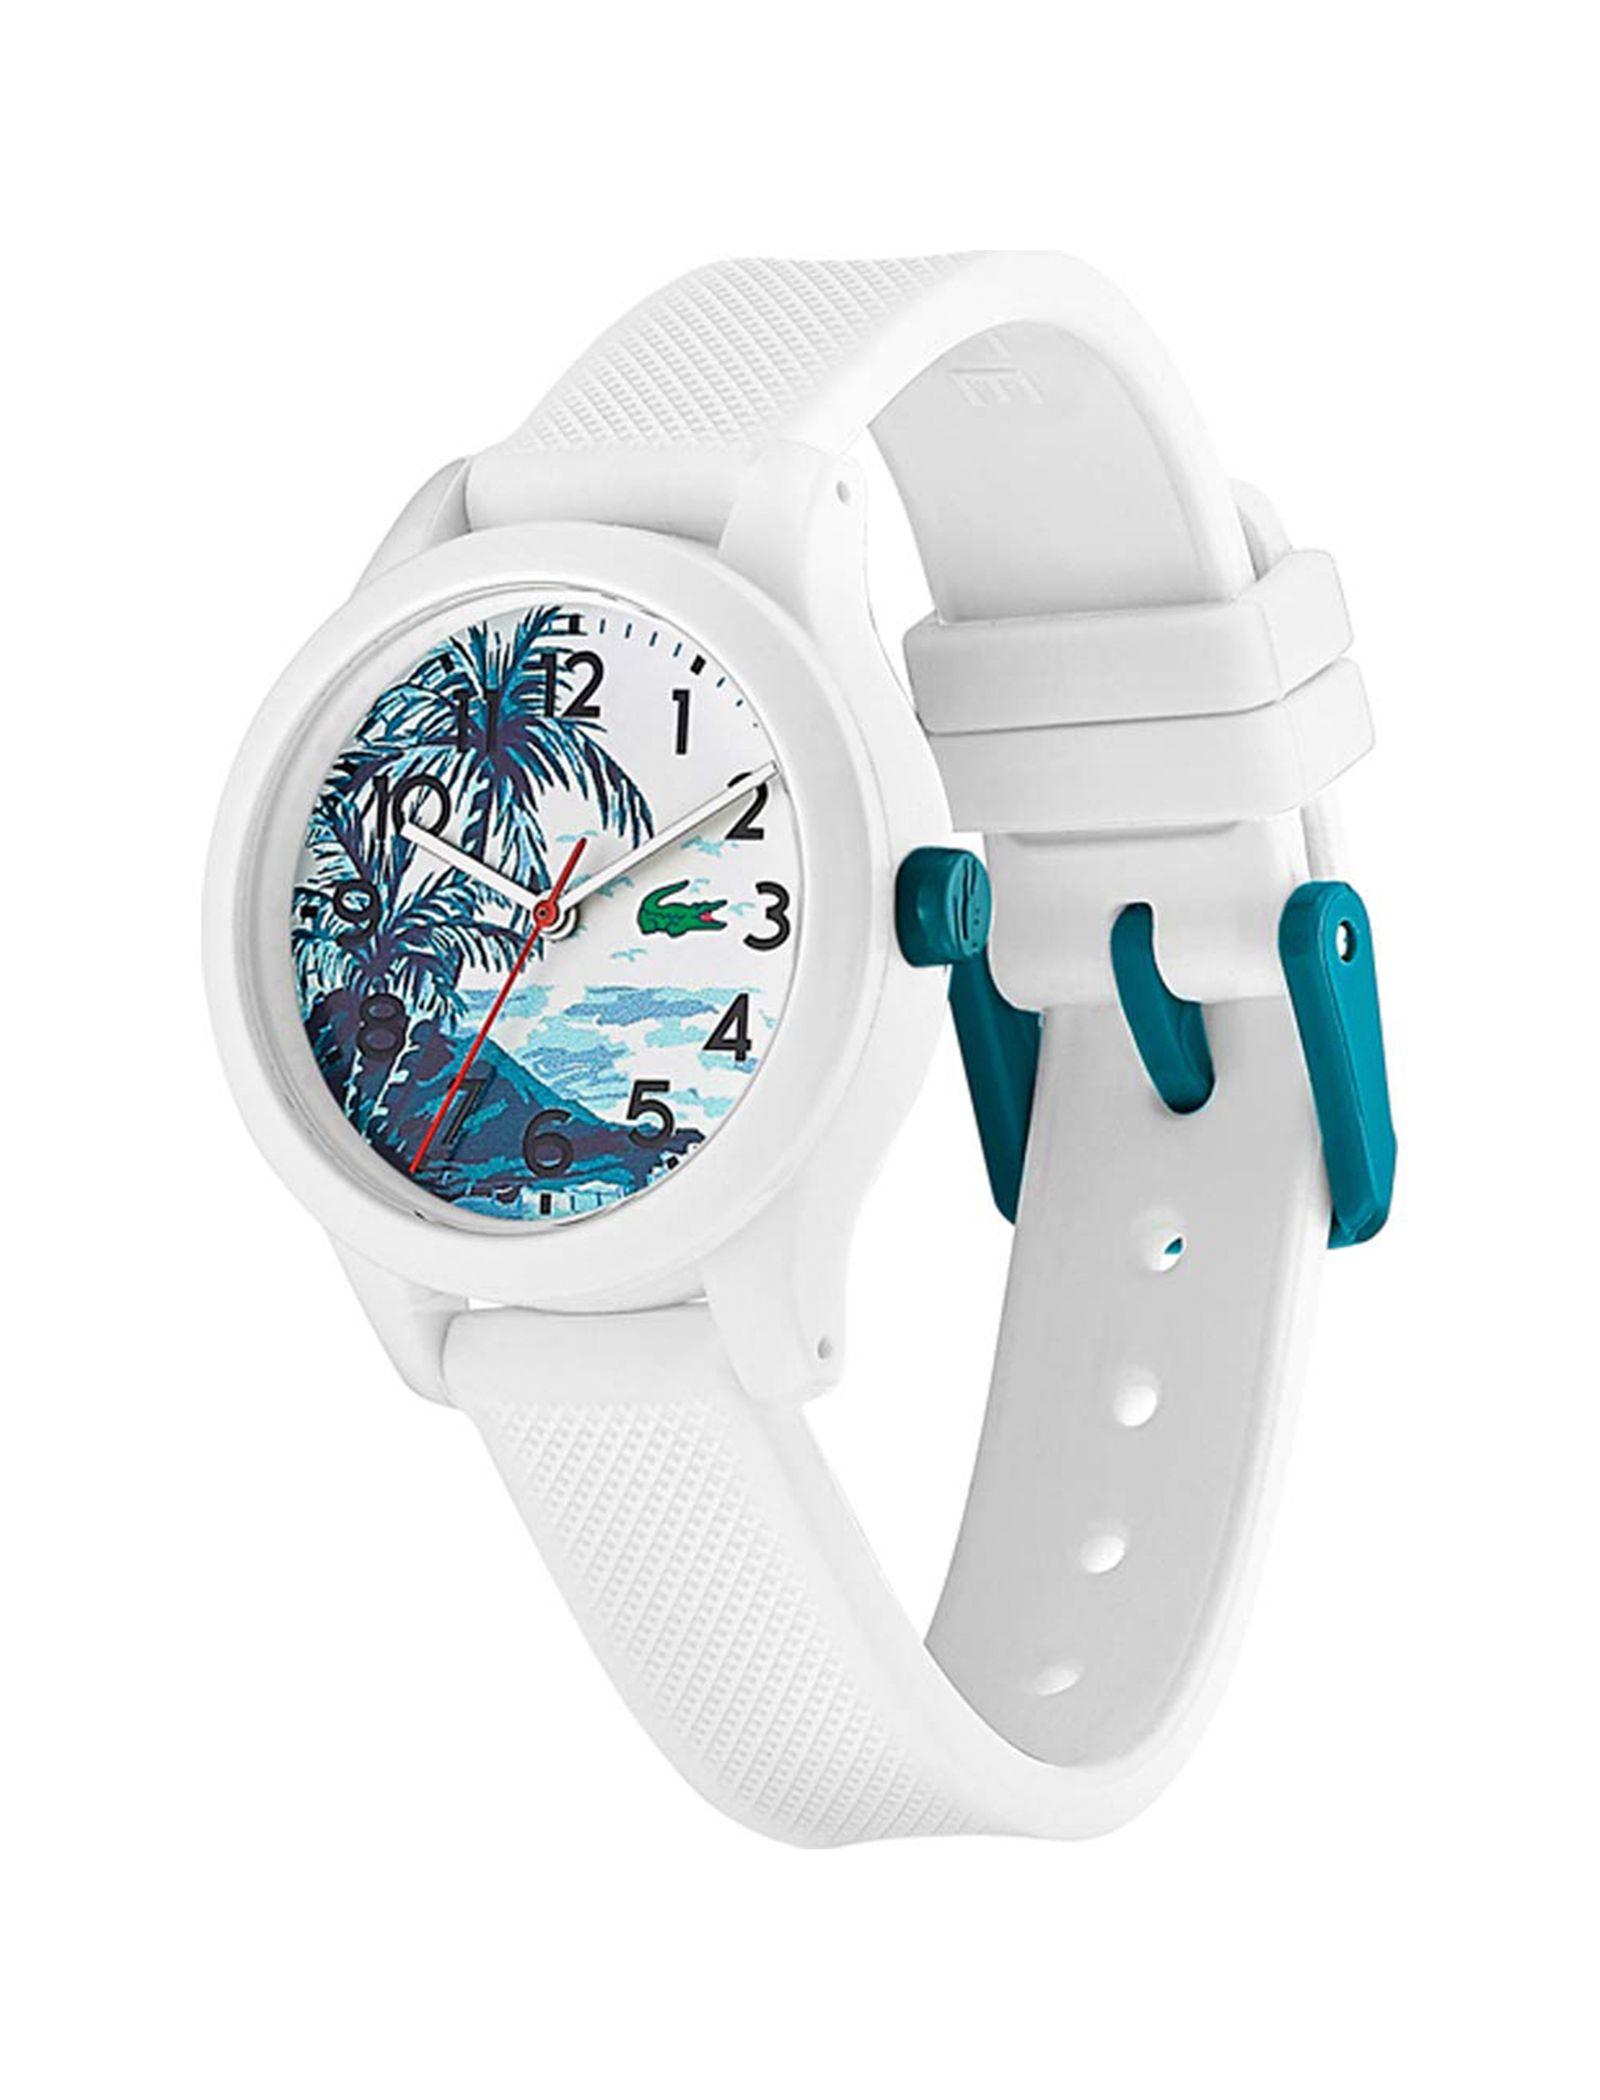 ساعت مچی عقربه ای بچگانه لاگوست مدل 2030017 - سفید - 3